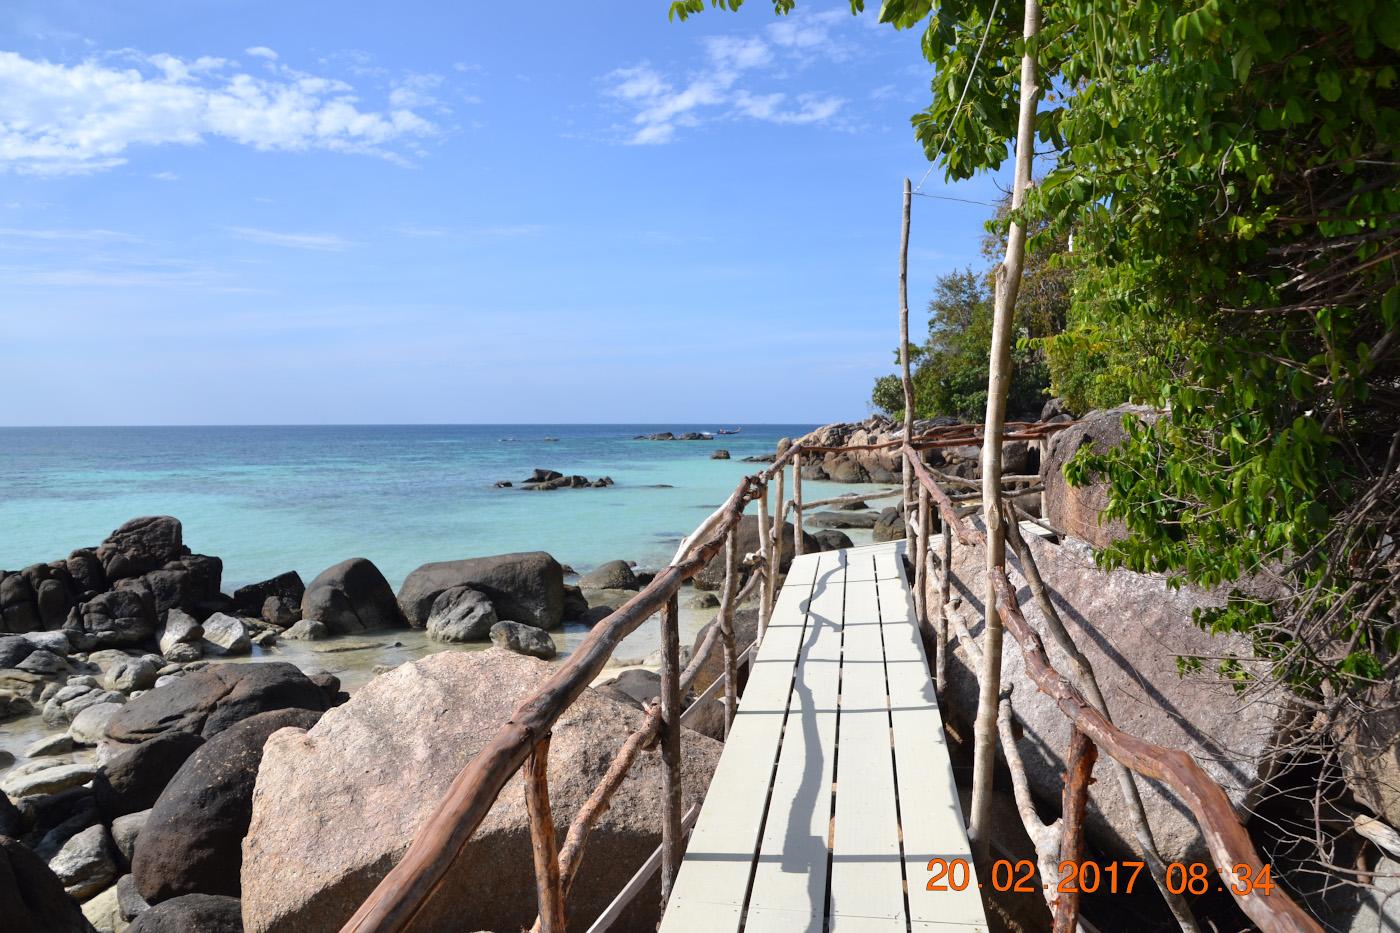 Фото 10. Дорога на пляж Саном на острове Ко Ланта. Советы туристам по отдыху в Таиланде самостоятельно. 1/400, 10.0, 100, 55.